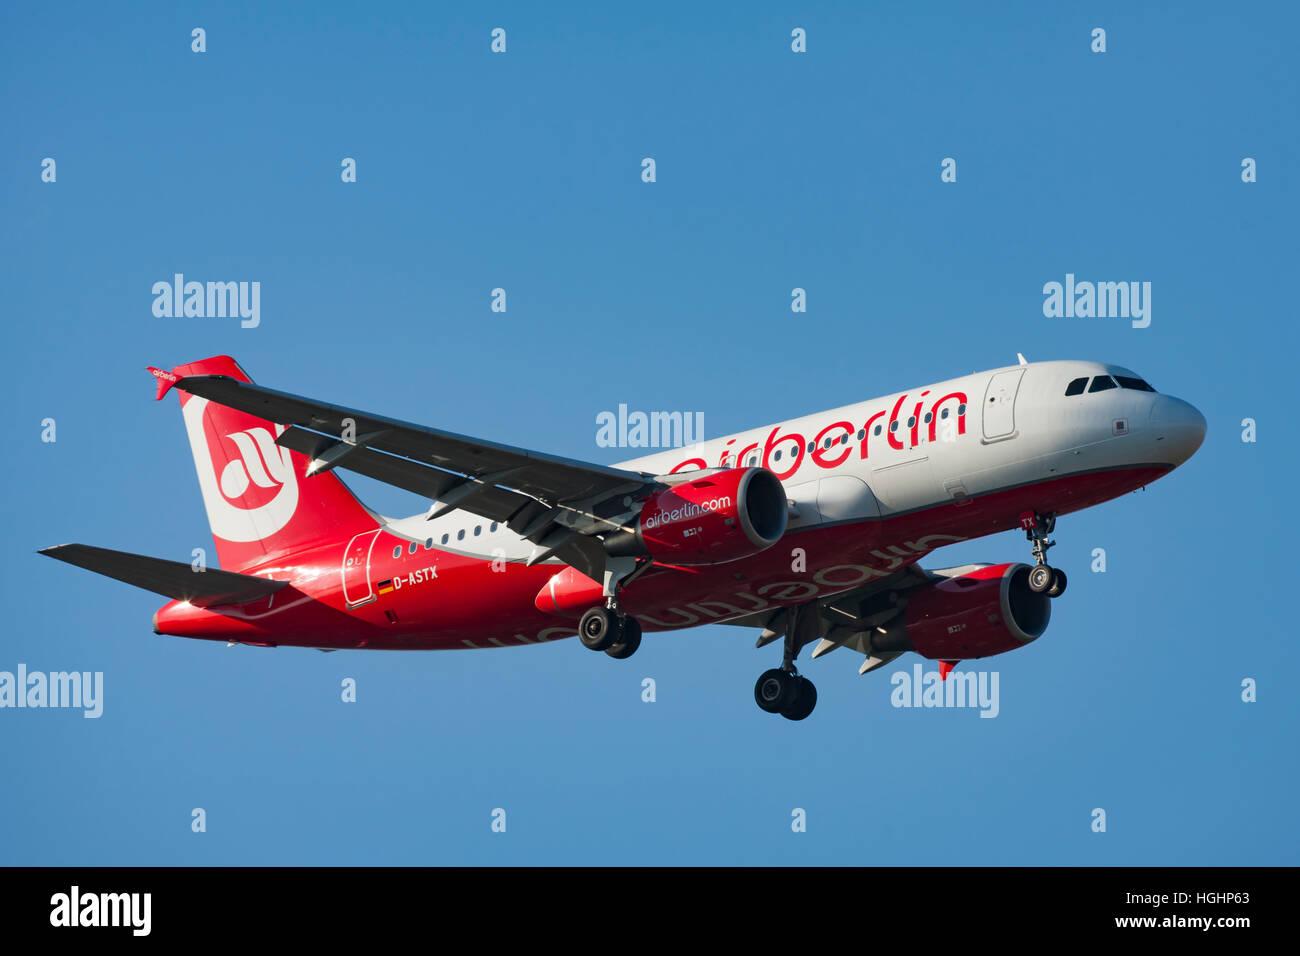 AirBerlin Airliner landing in Copenhagen - Stock Image